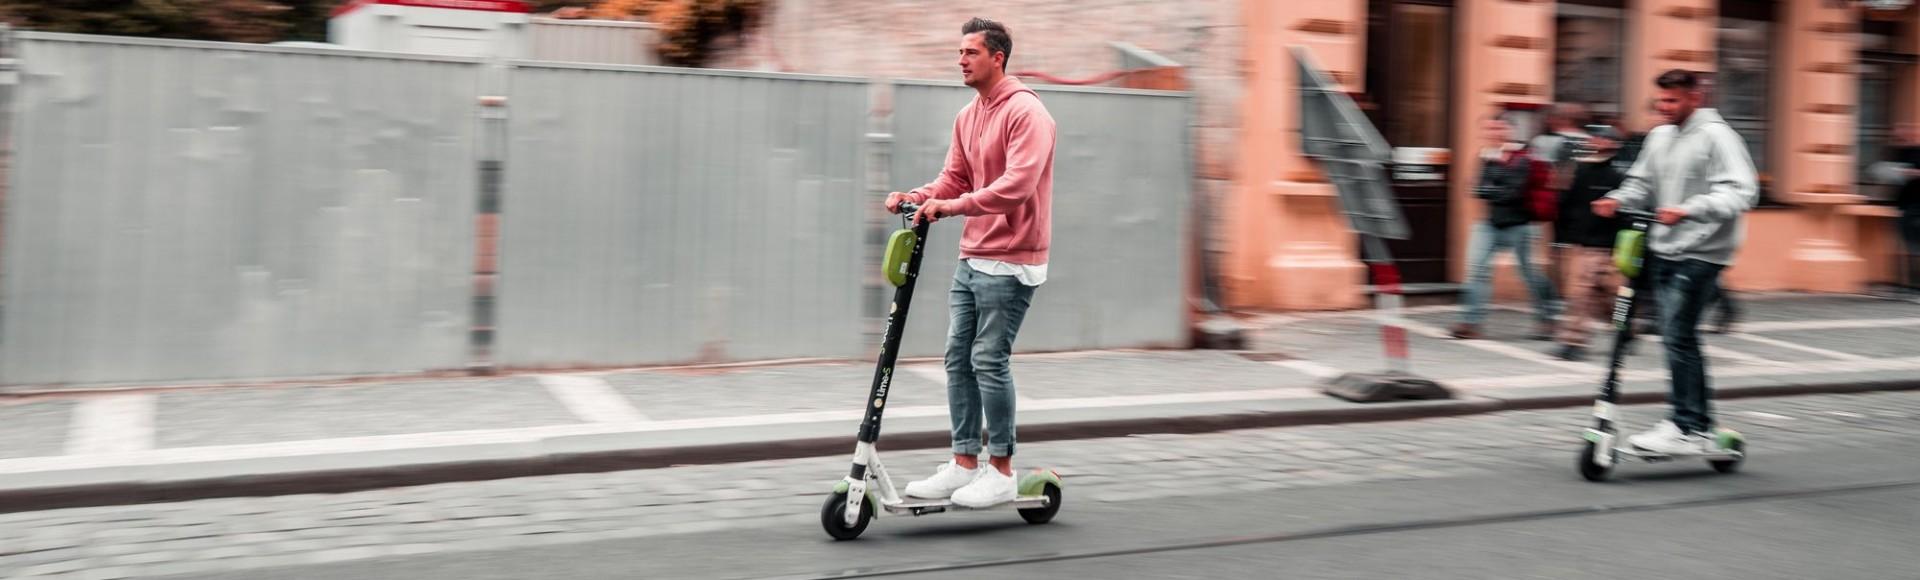 Behov av försäkring för din elscooter eller andra personliga transportmedel i Spanien